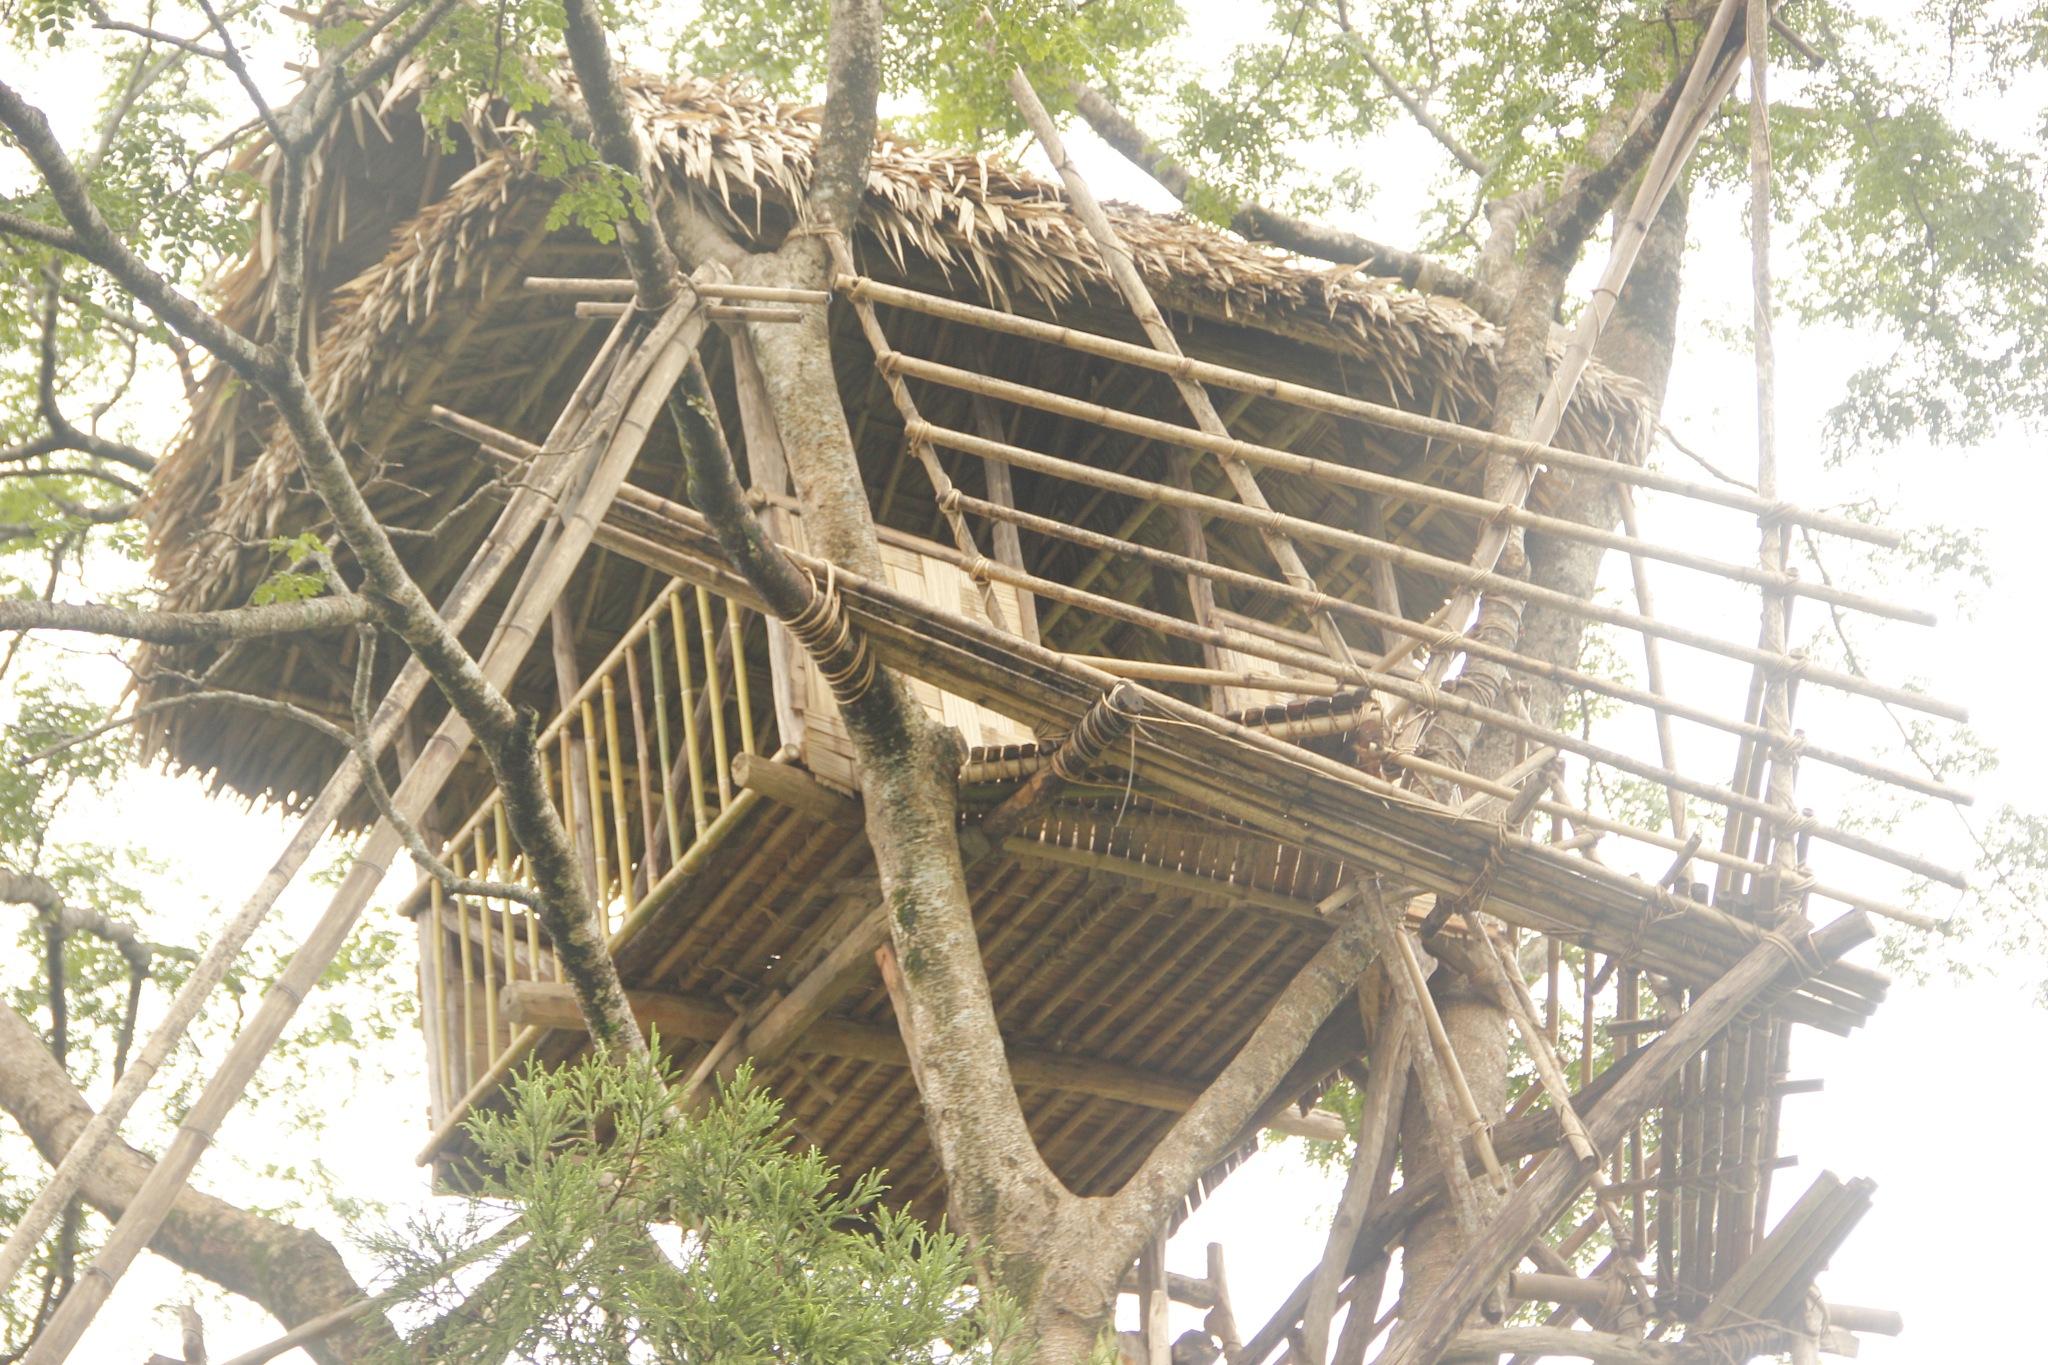 Tree House by JuliettChakraborty